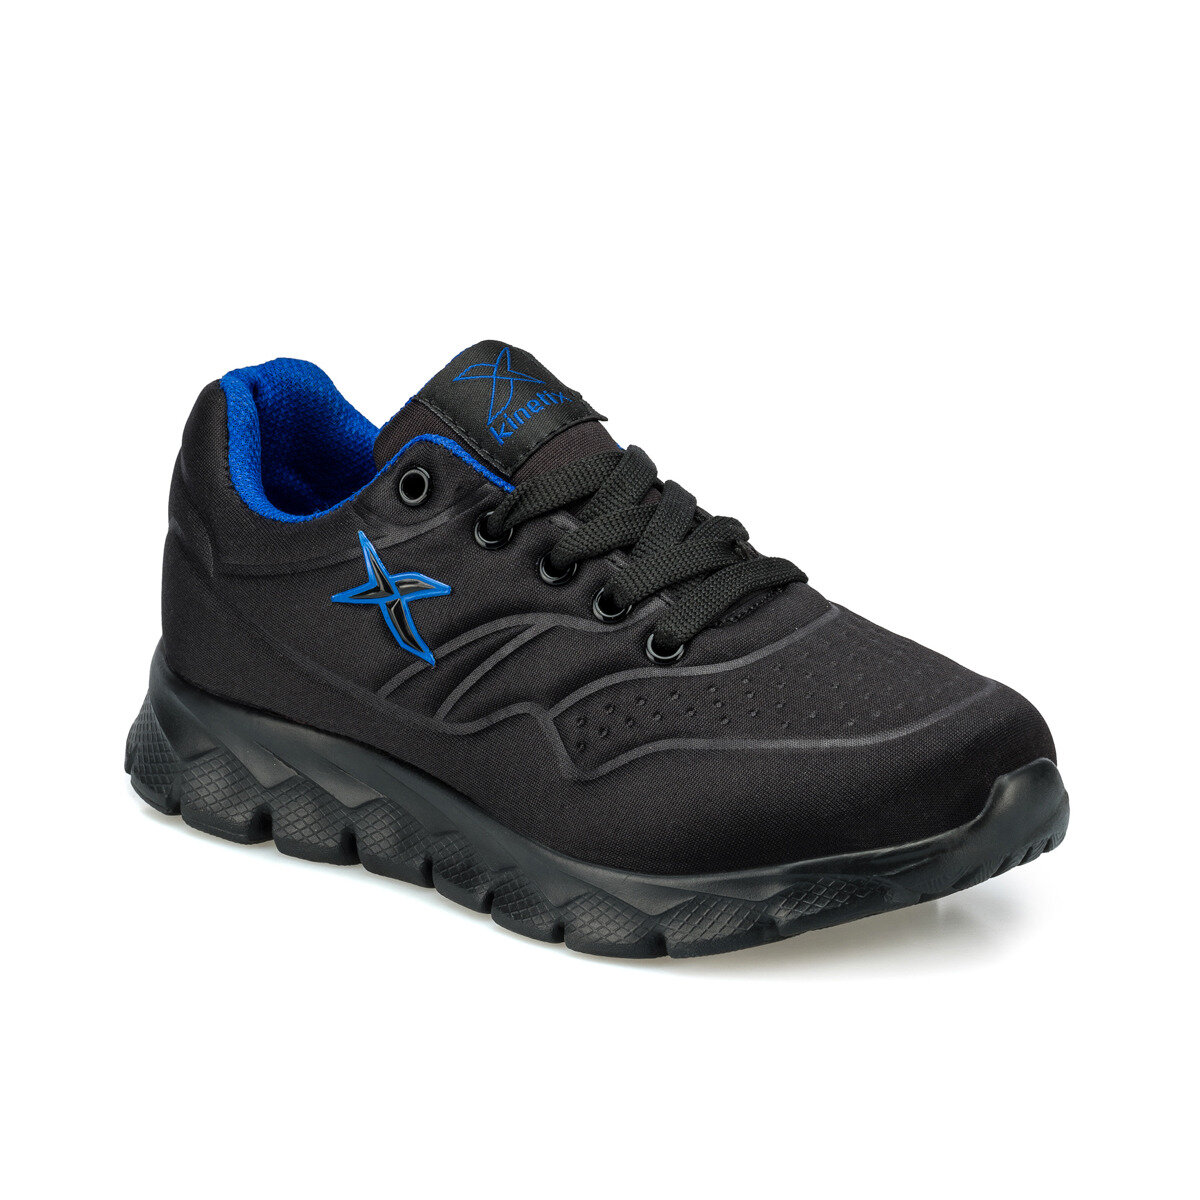 FLO FESTO J Black Male Child Hiking Shoes KINETIX